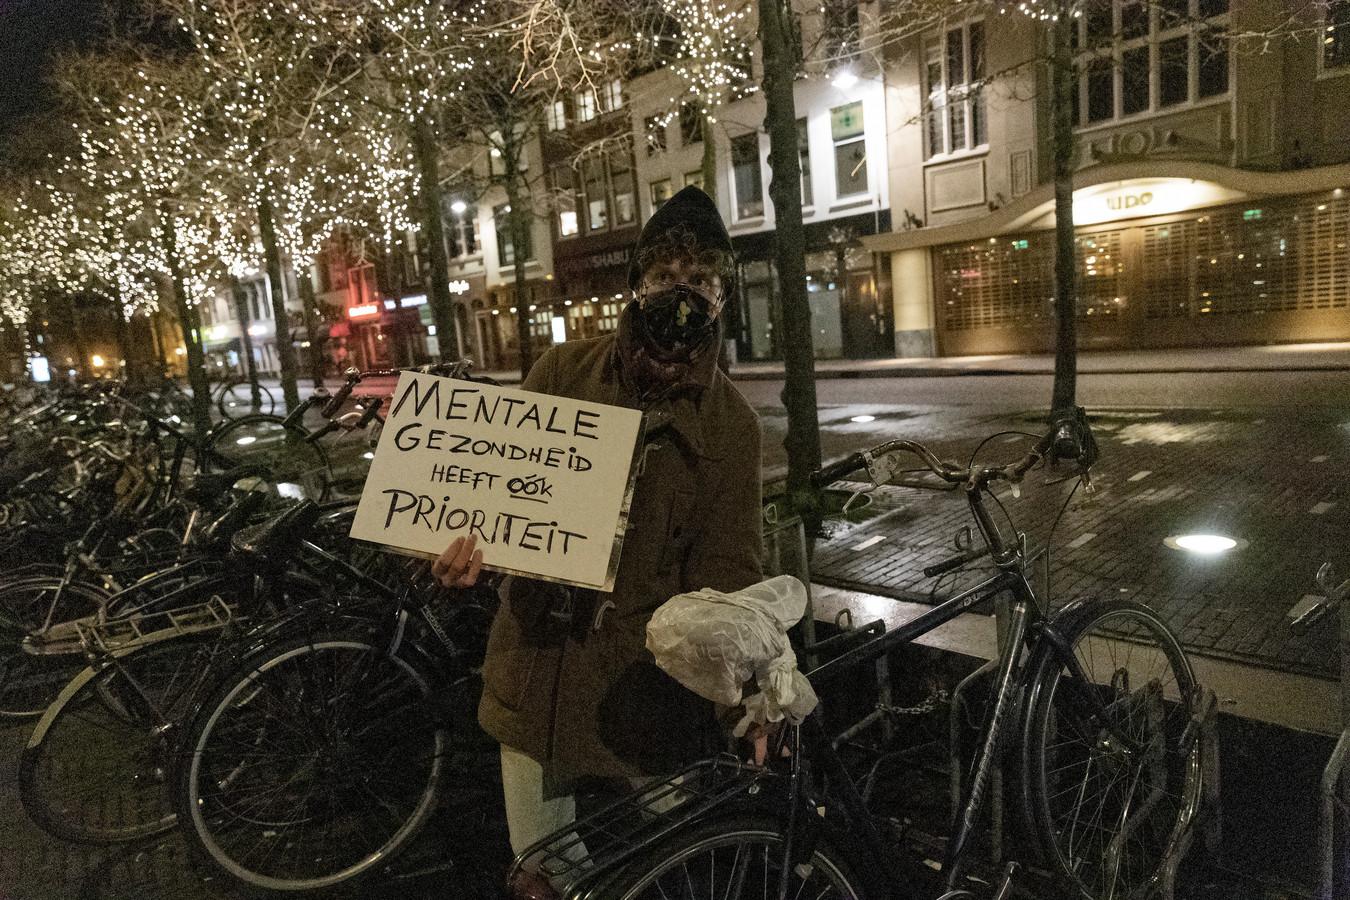 Student Sven hield samen met twee vrienden een korte protestactie op de Leidse Beestenmarkt. 'Voor het eerst burgerlijk ongehoorzaam, want een avondklok gaat te ver.'